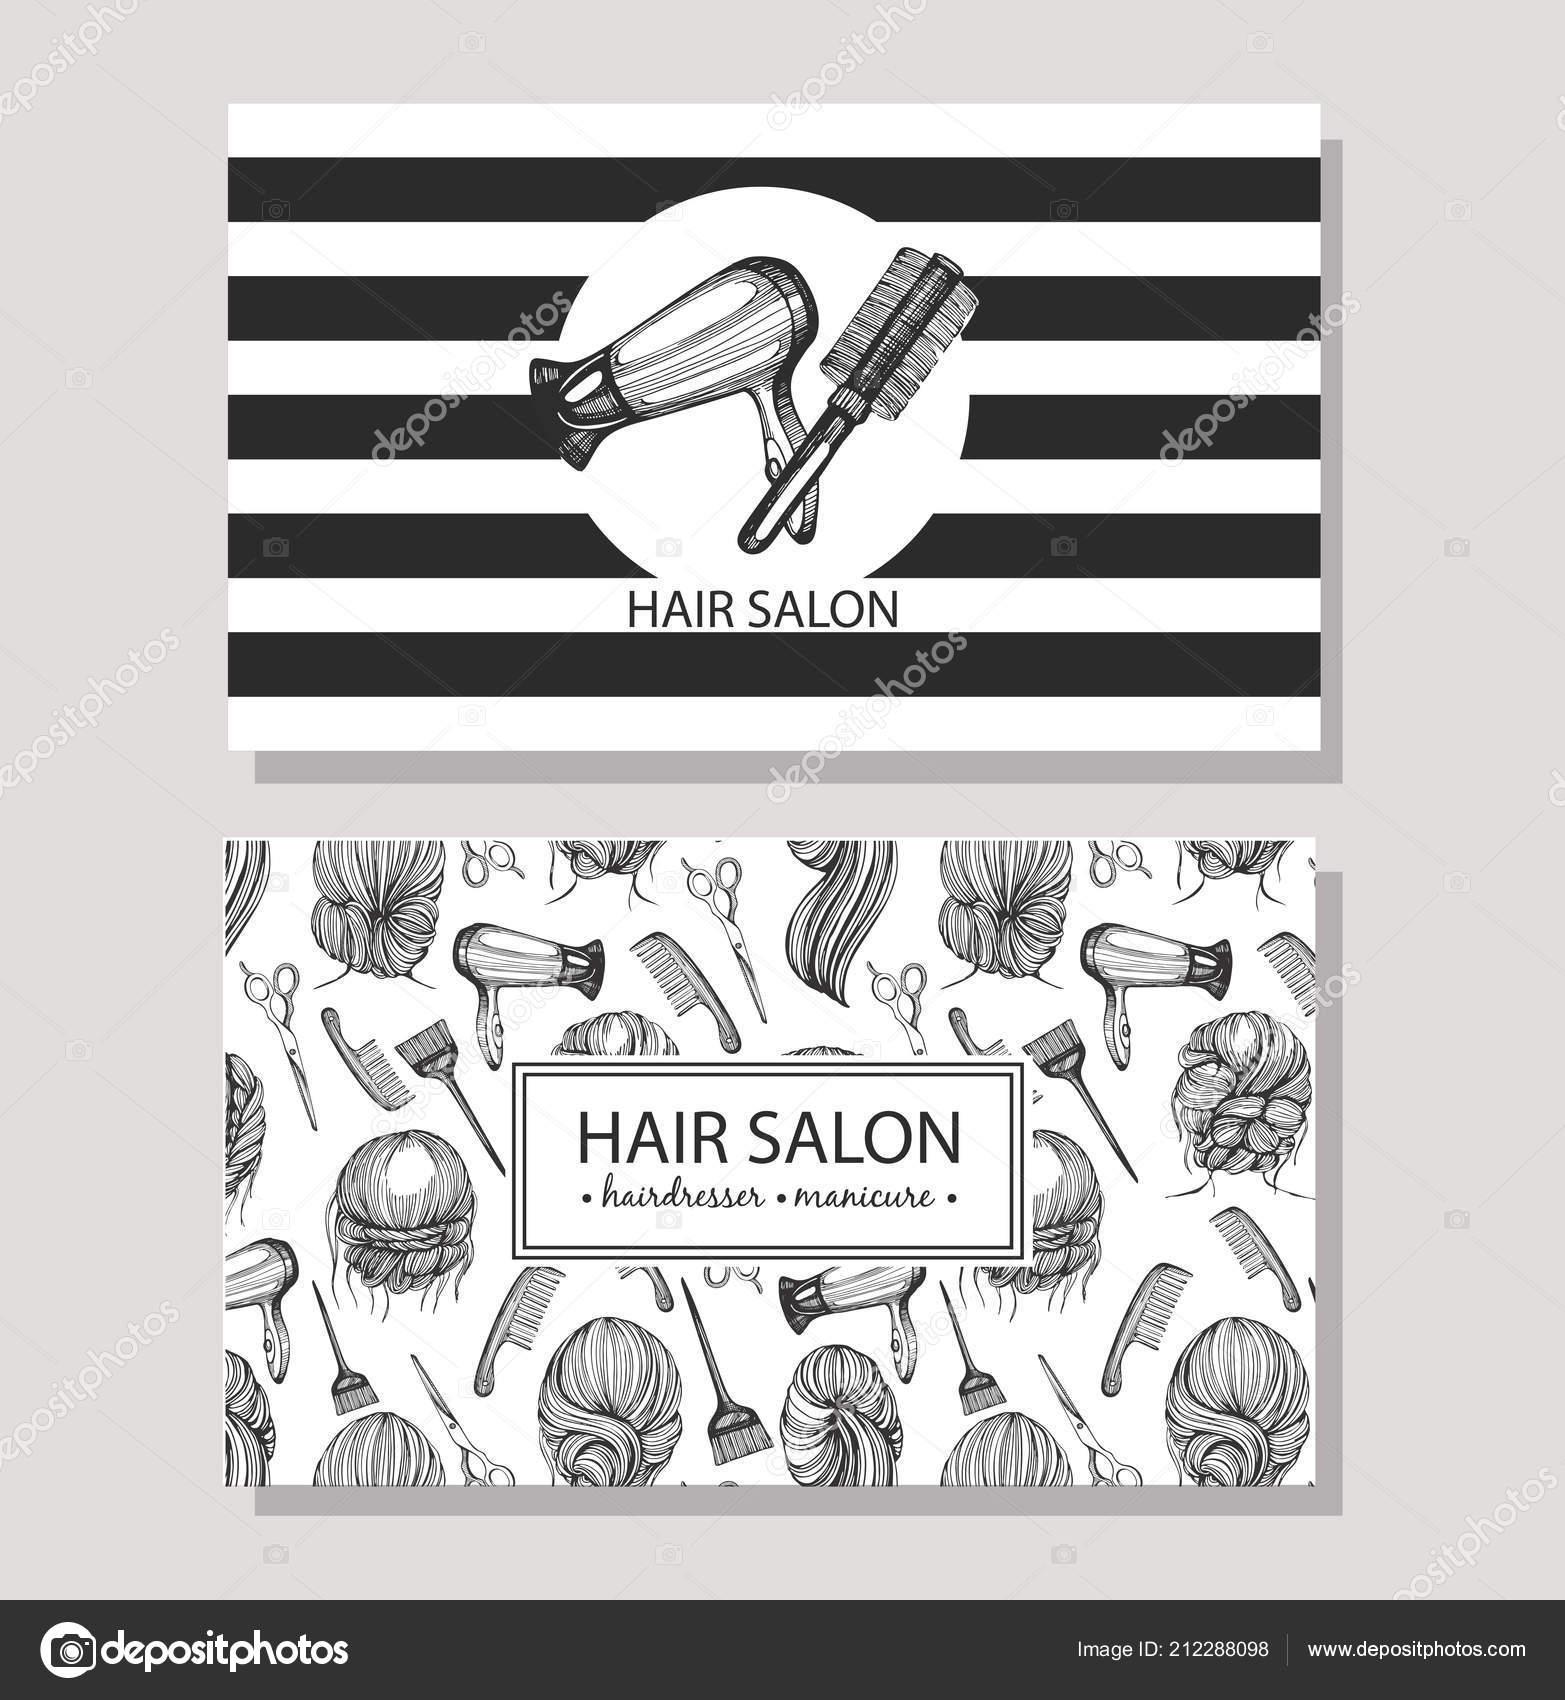 Visitenkarten Mit Vorlagendesign Für Friseursalon